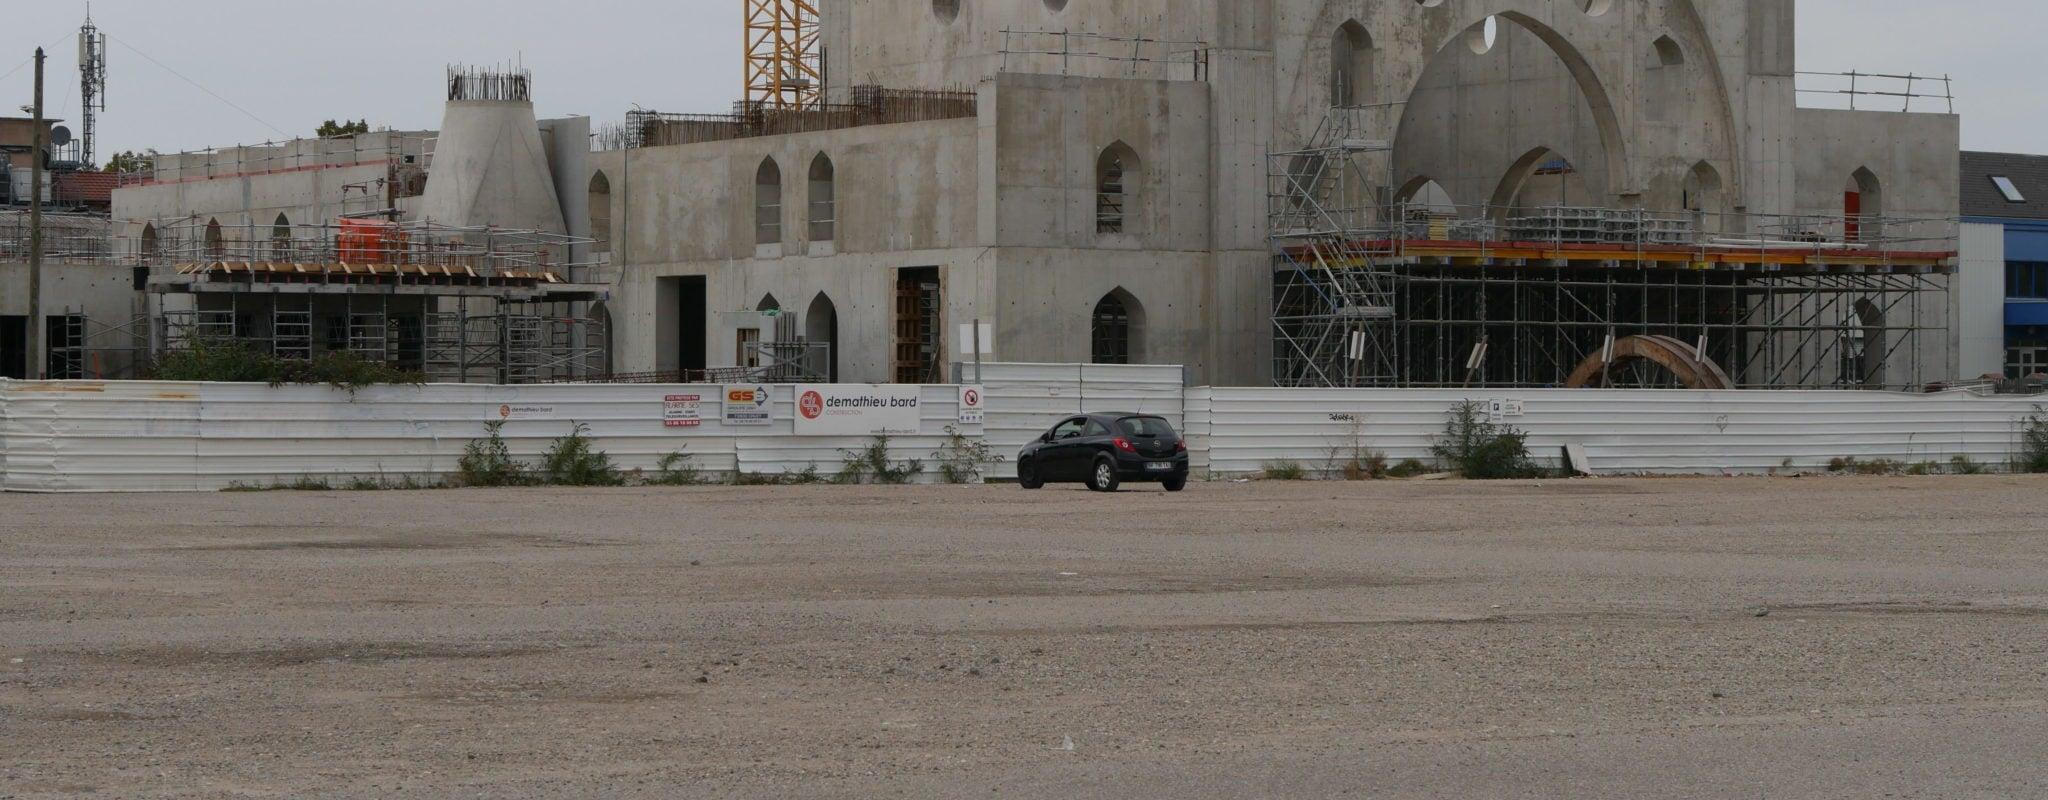 Pour financer la mosquée Eyyub Sultan, Millî Görüş attend plus de 6 millions d'euros des collectivités